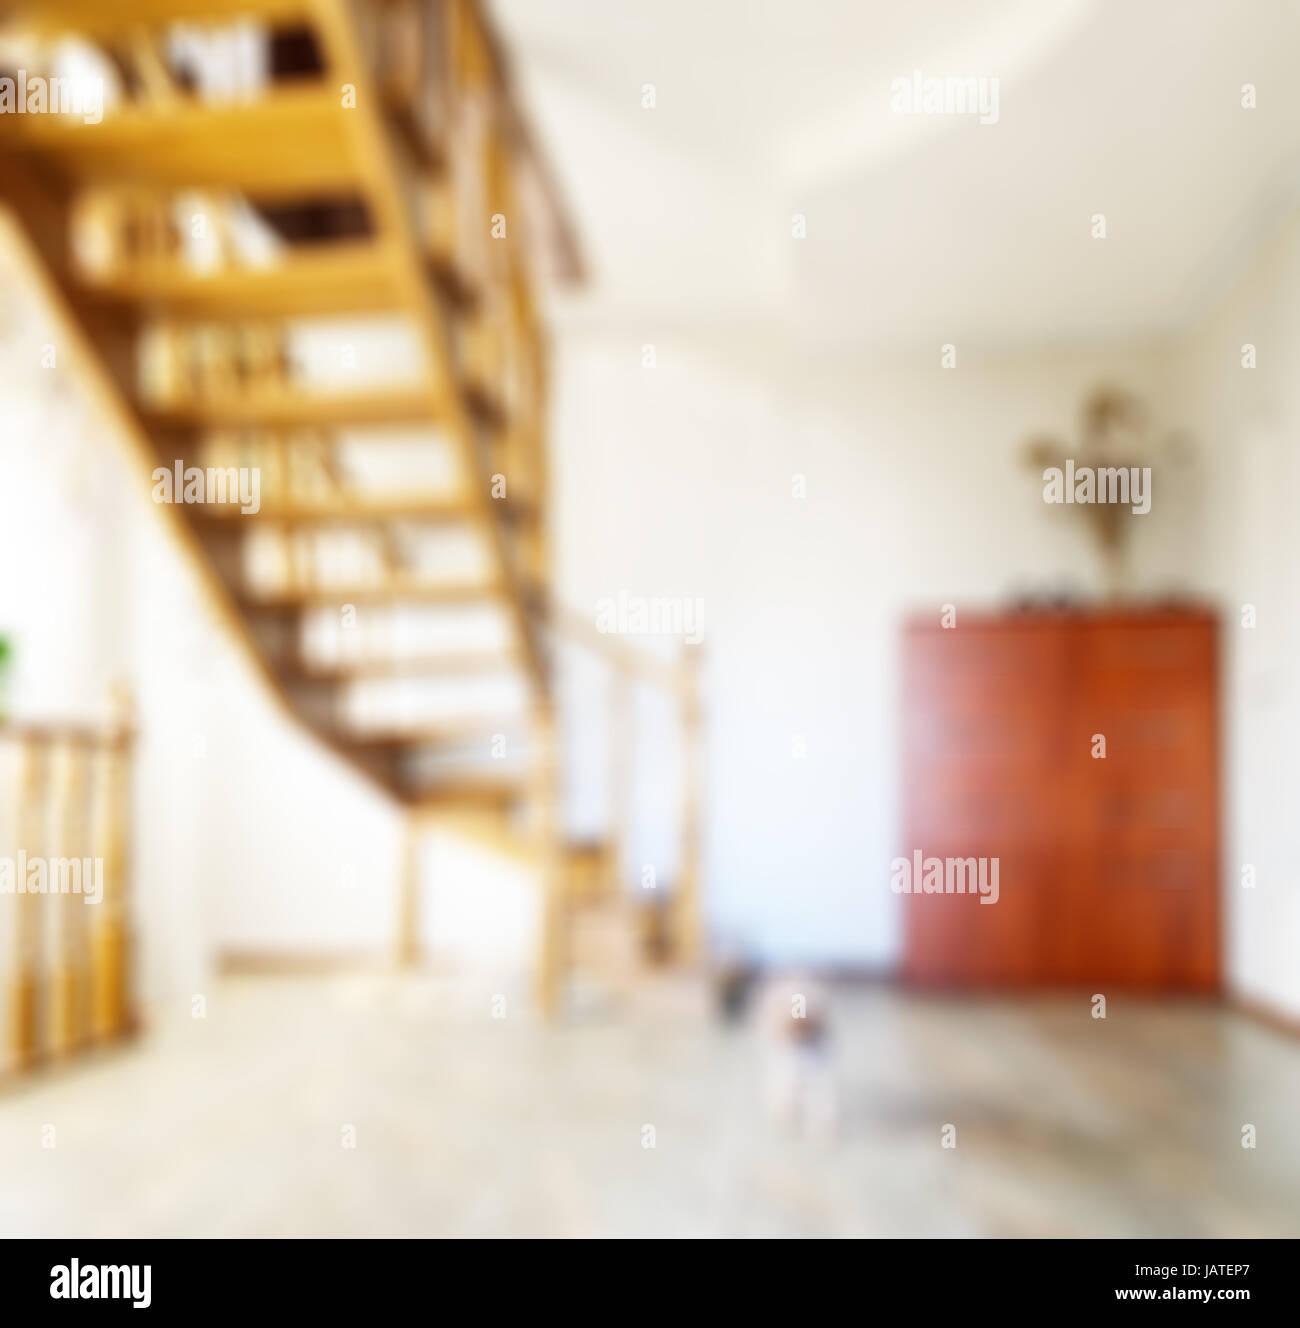 Abstrakte Unschärfe Wohnzimmer Interieur Mit Holz Treppe Für Hintergrund